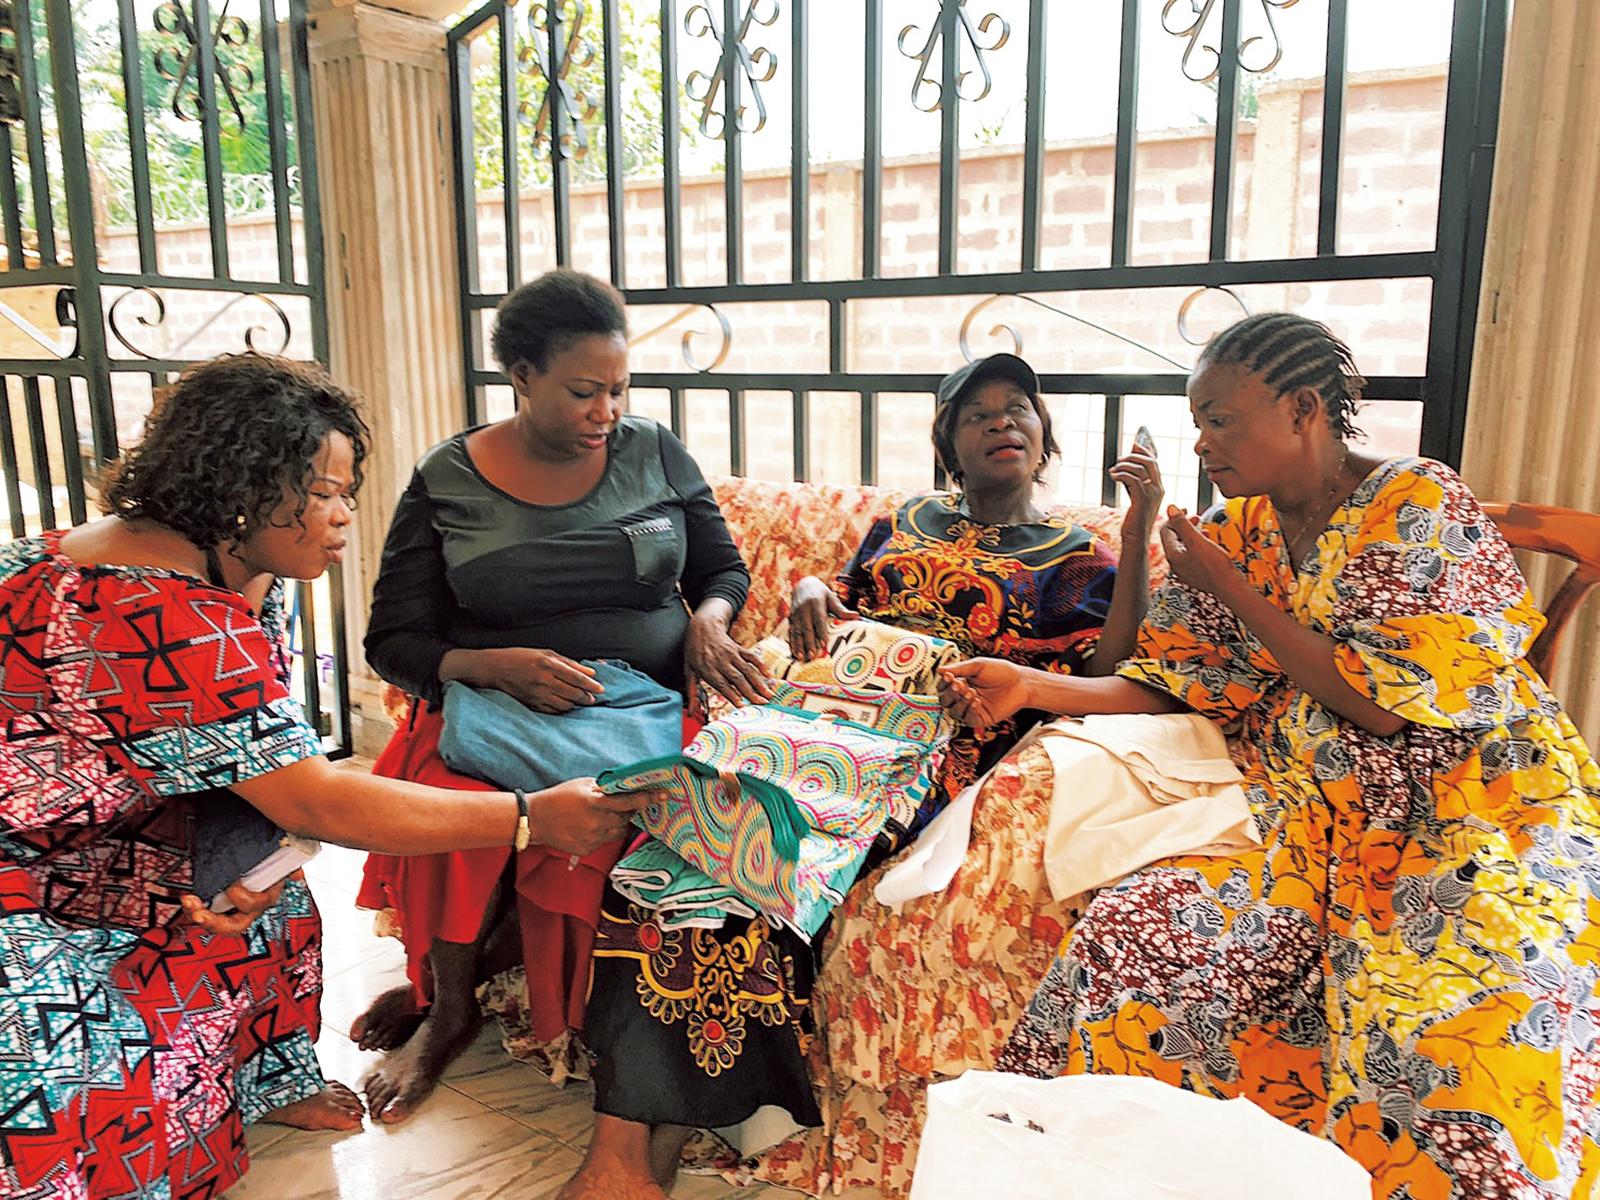 『Ay』の服作りを創設時から支えている、コンゴの女性たちで結成するNGO『APROFED』のメンバーたち。シングルマザーやストリートチルドレンにも職業訓練を行っている。